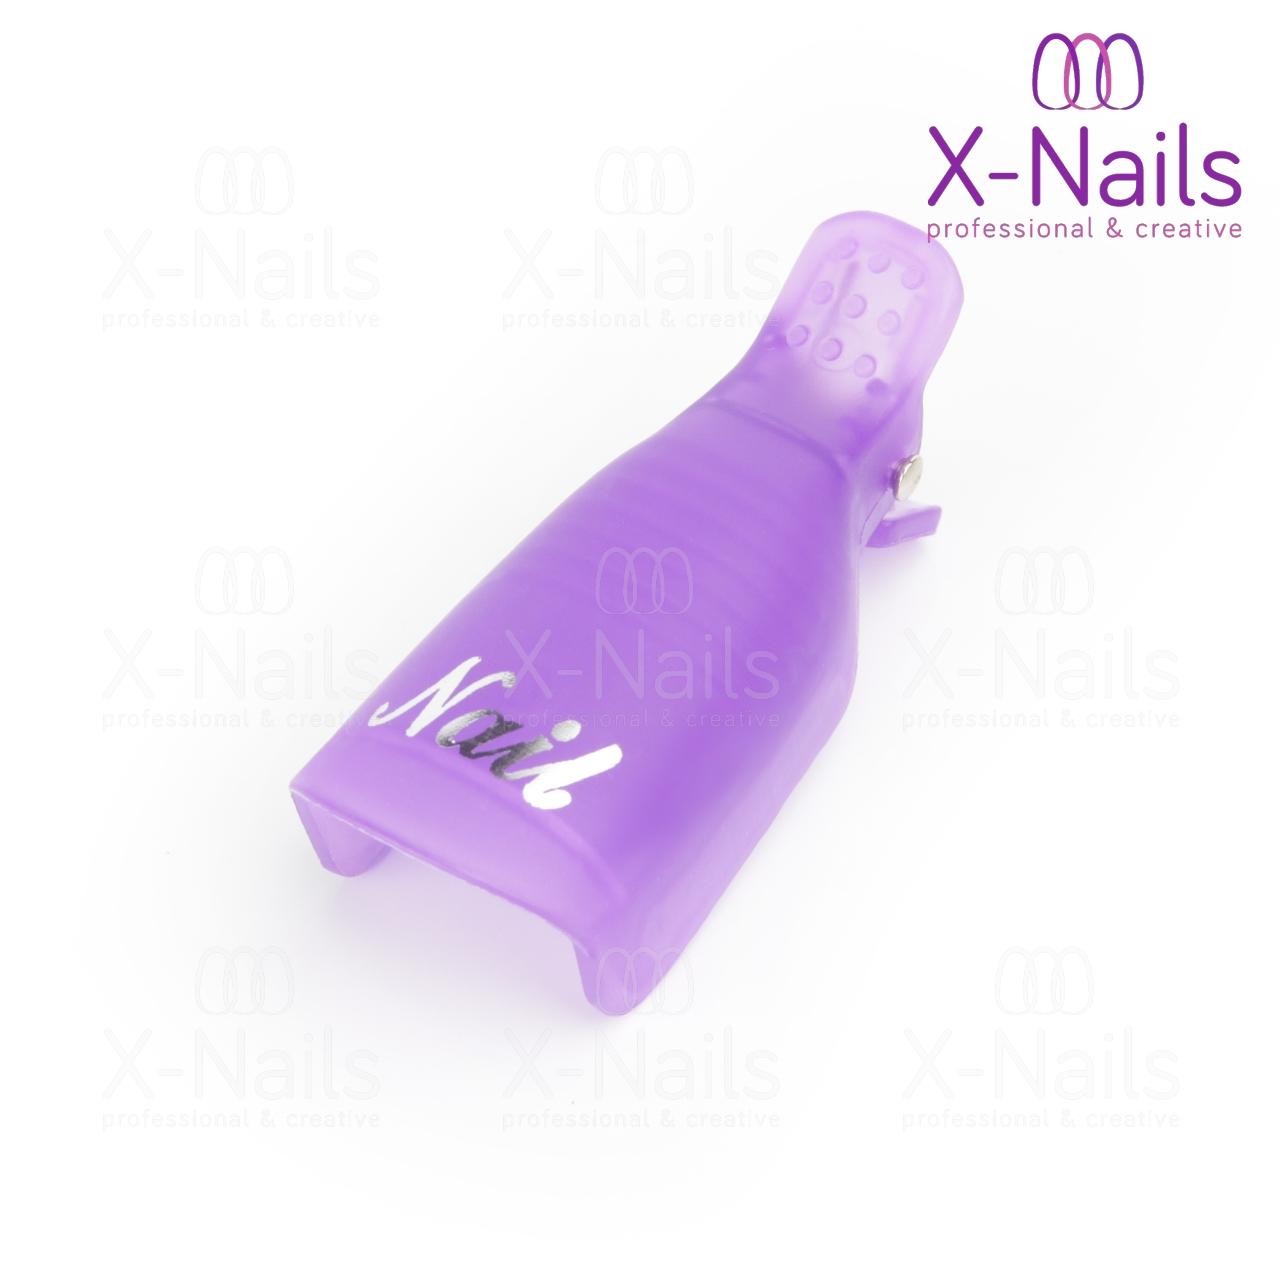 Klipy Na Odstraneni Gel Laku Kolicky Na Odstraneni Gel Laku X Nails